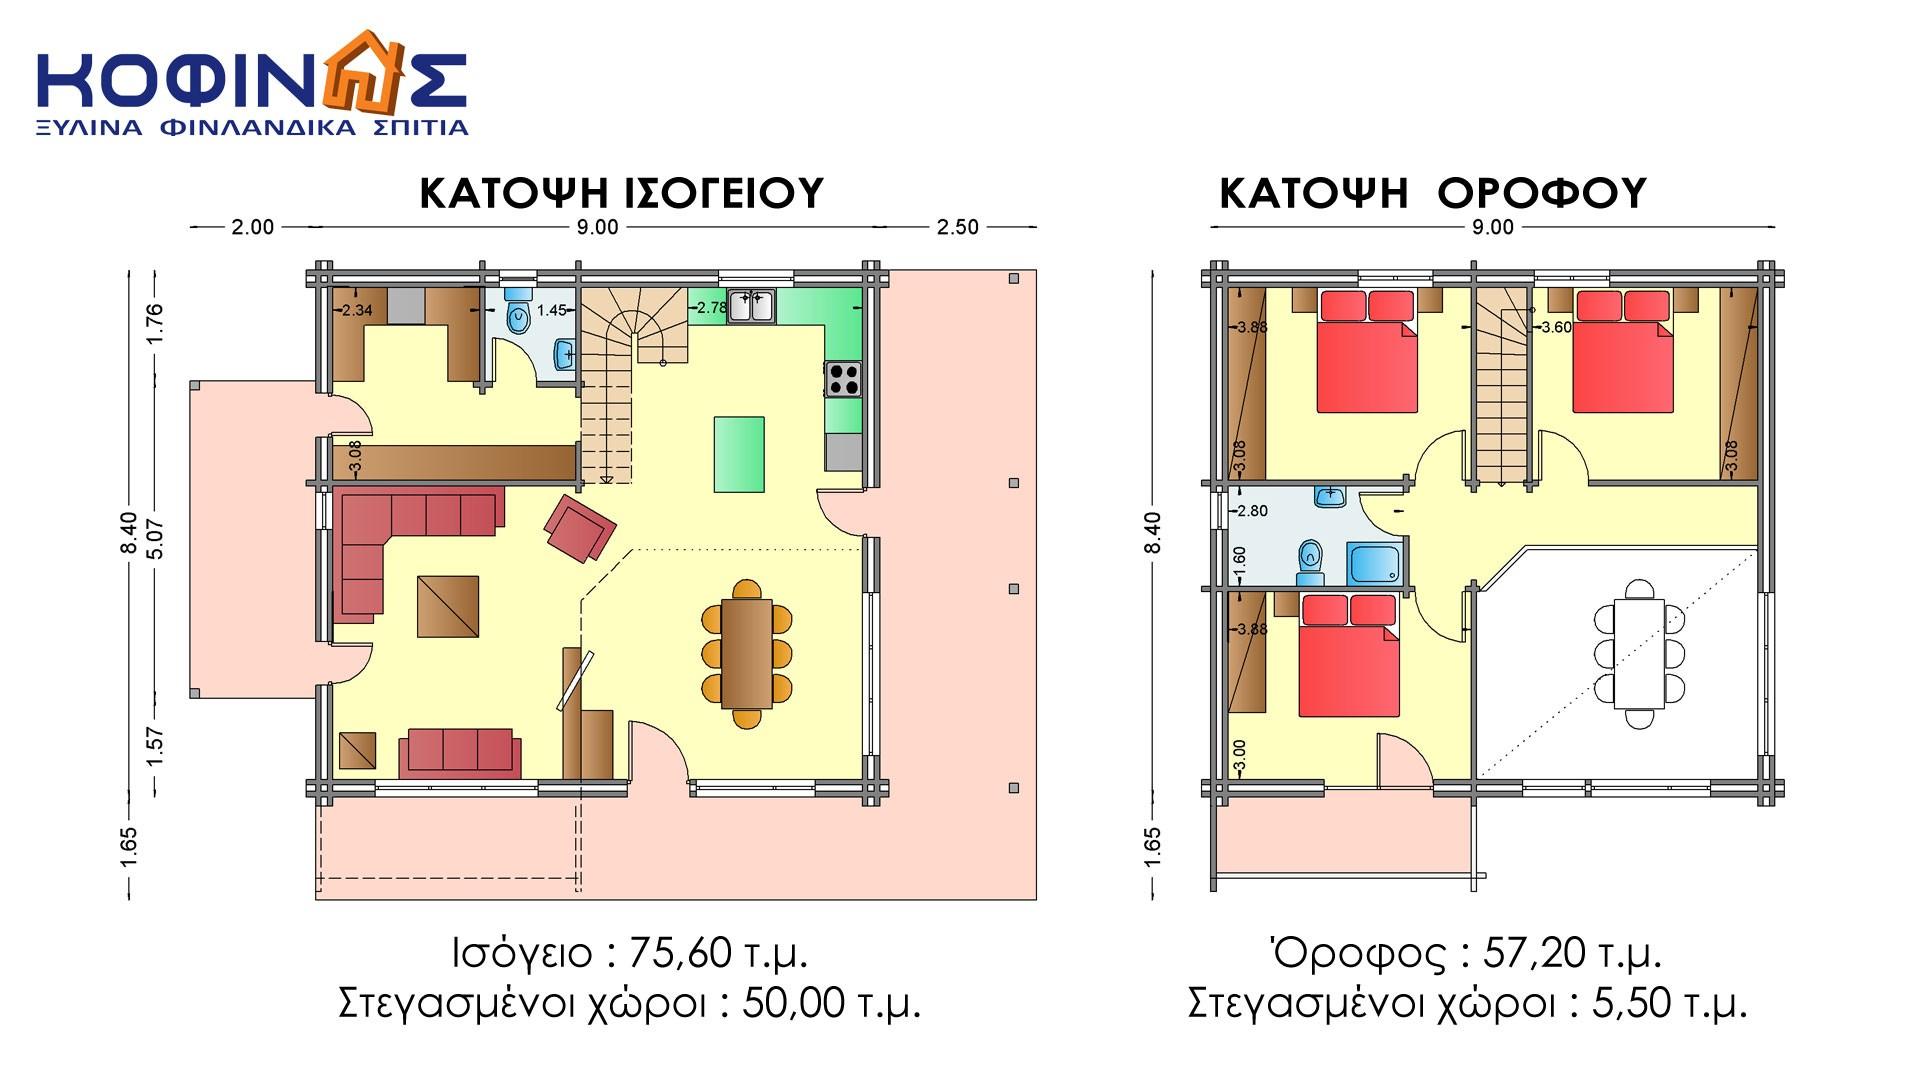 Διώροφη Ξύλινη Κατοικία XD-132a, συνολικής επιφάνειας 132,80 τ.μ.